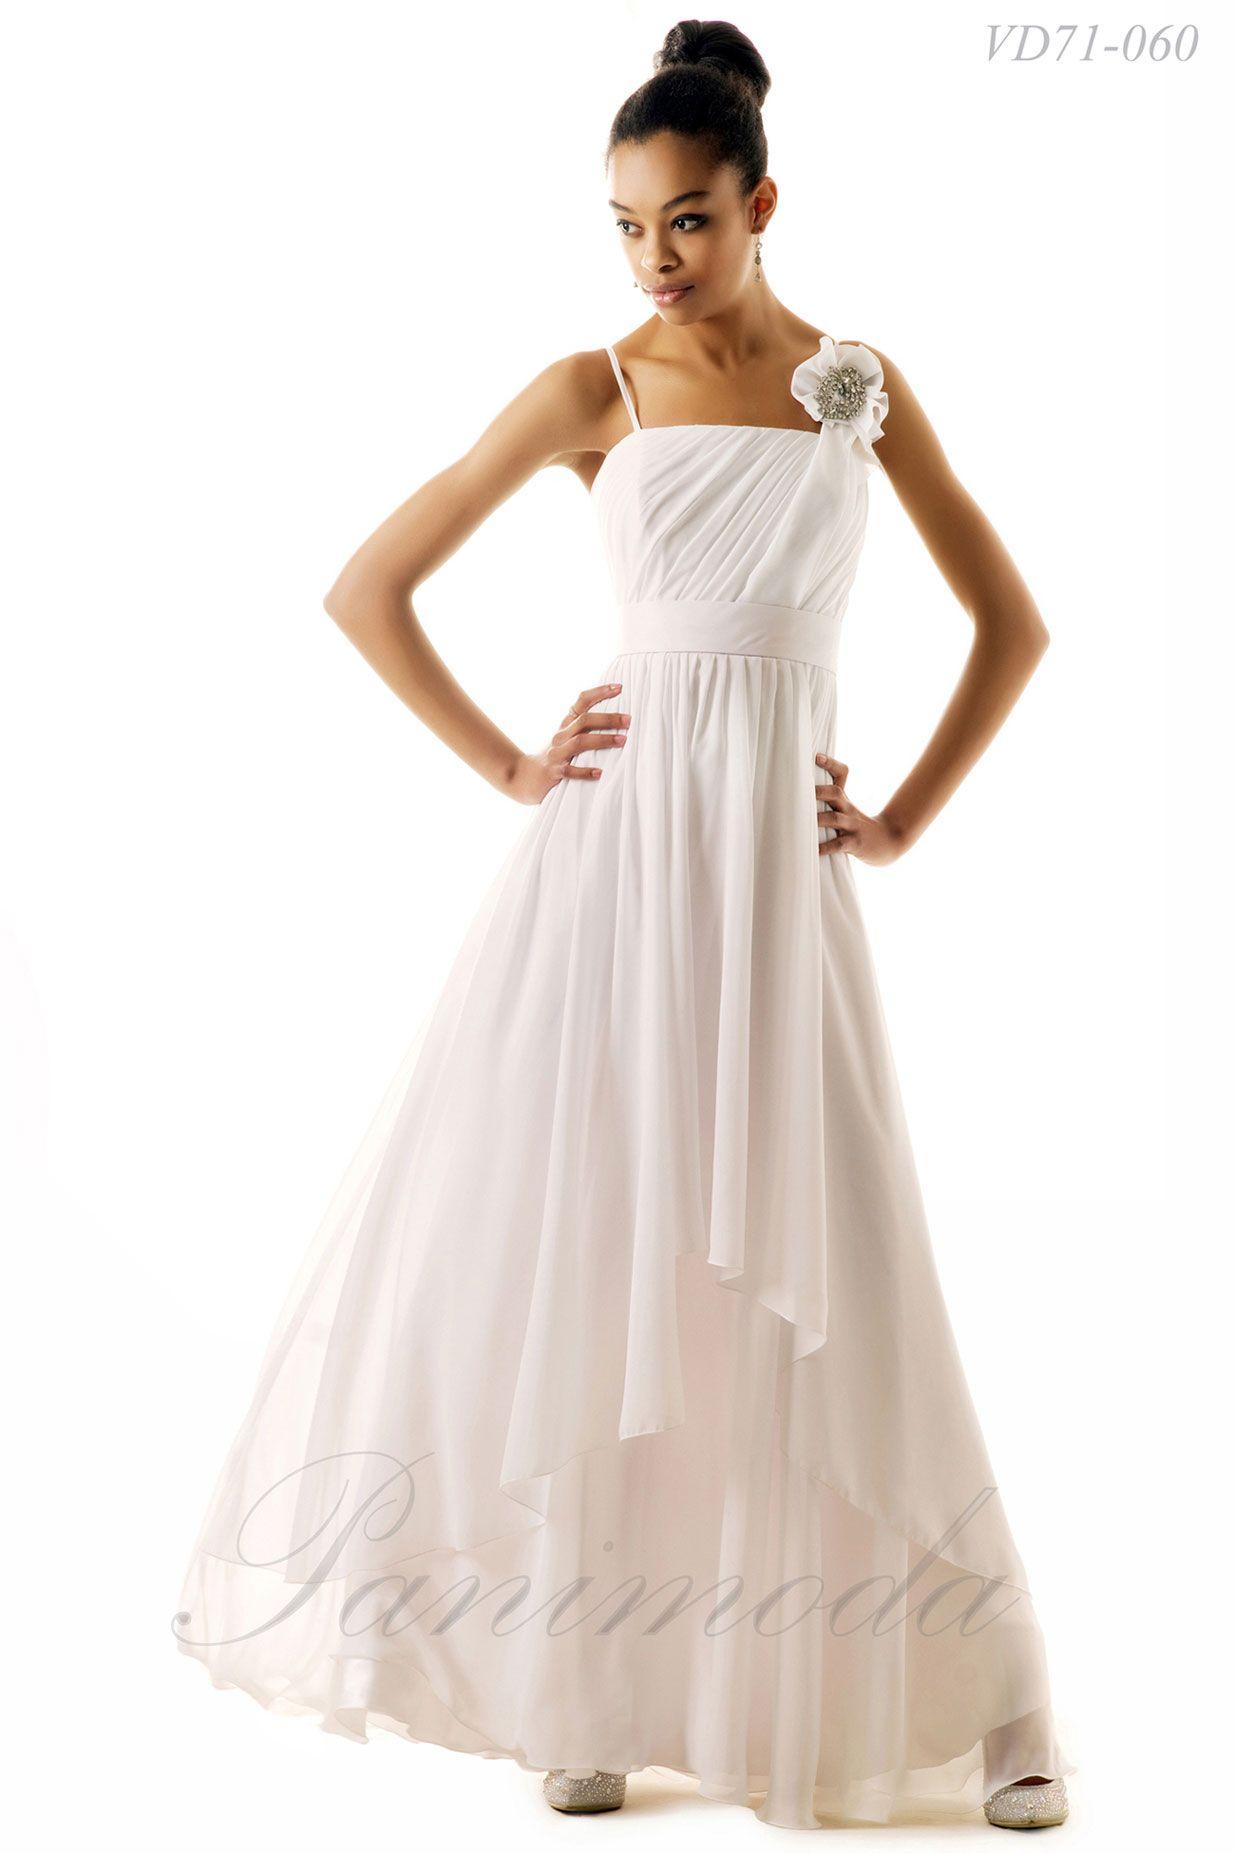 68b33e24f18 Длинное платье из мульти шифона с мягкой драпировкой и двойной юбкой очень  оригинально и красиво.